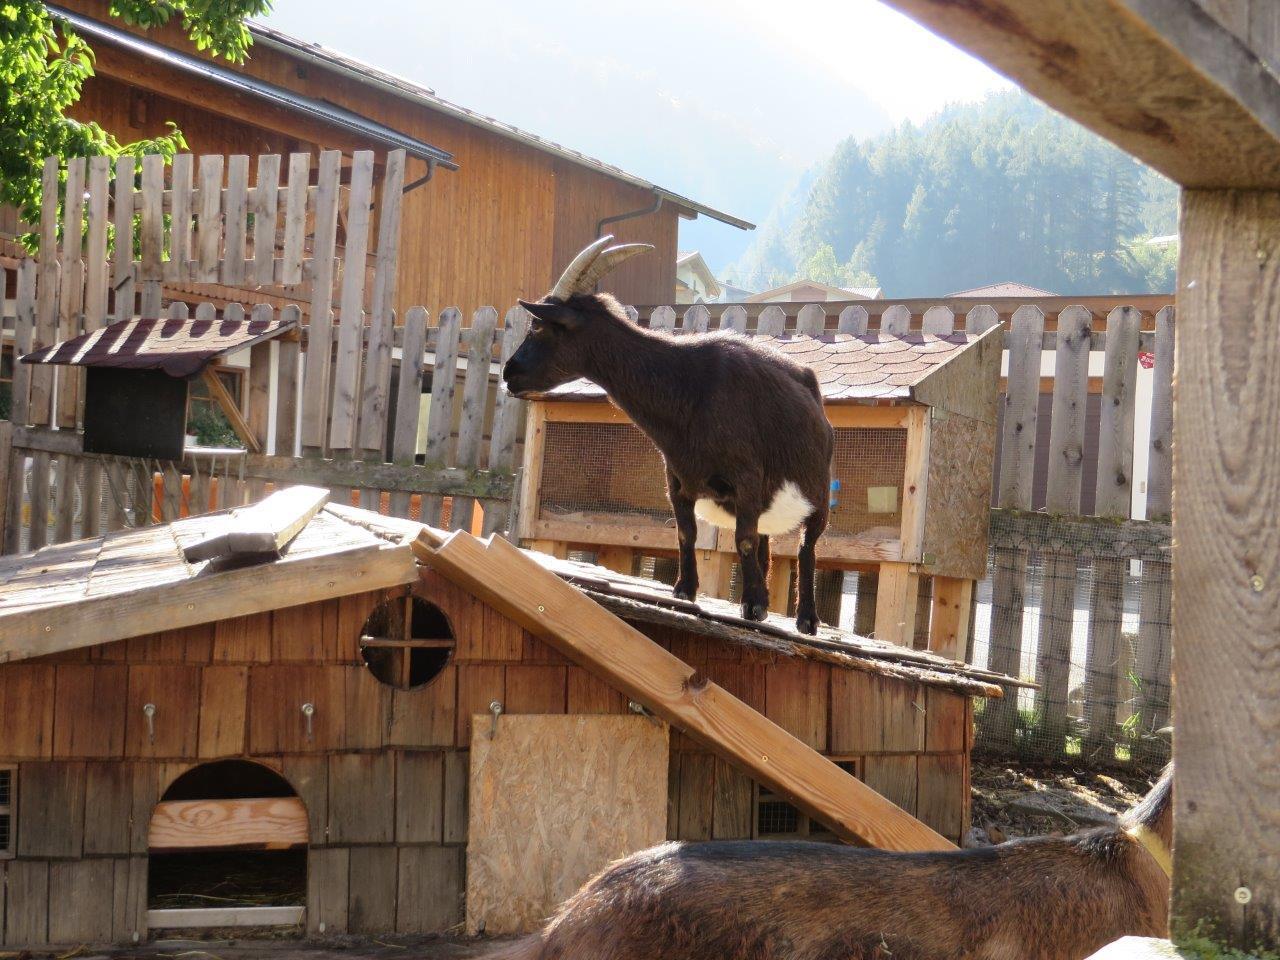 Tirol gezinsvakantie   vakantie met het gezin vanuit familiehotel   SNP Natuurreizen